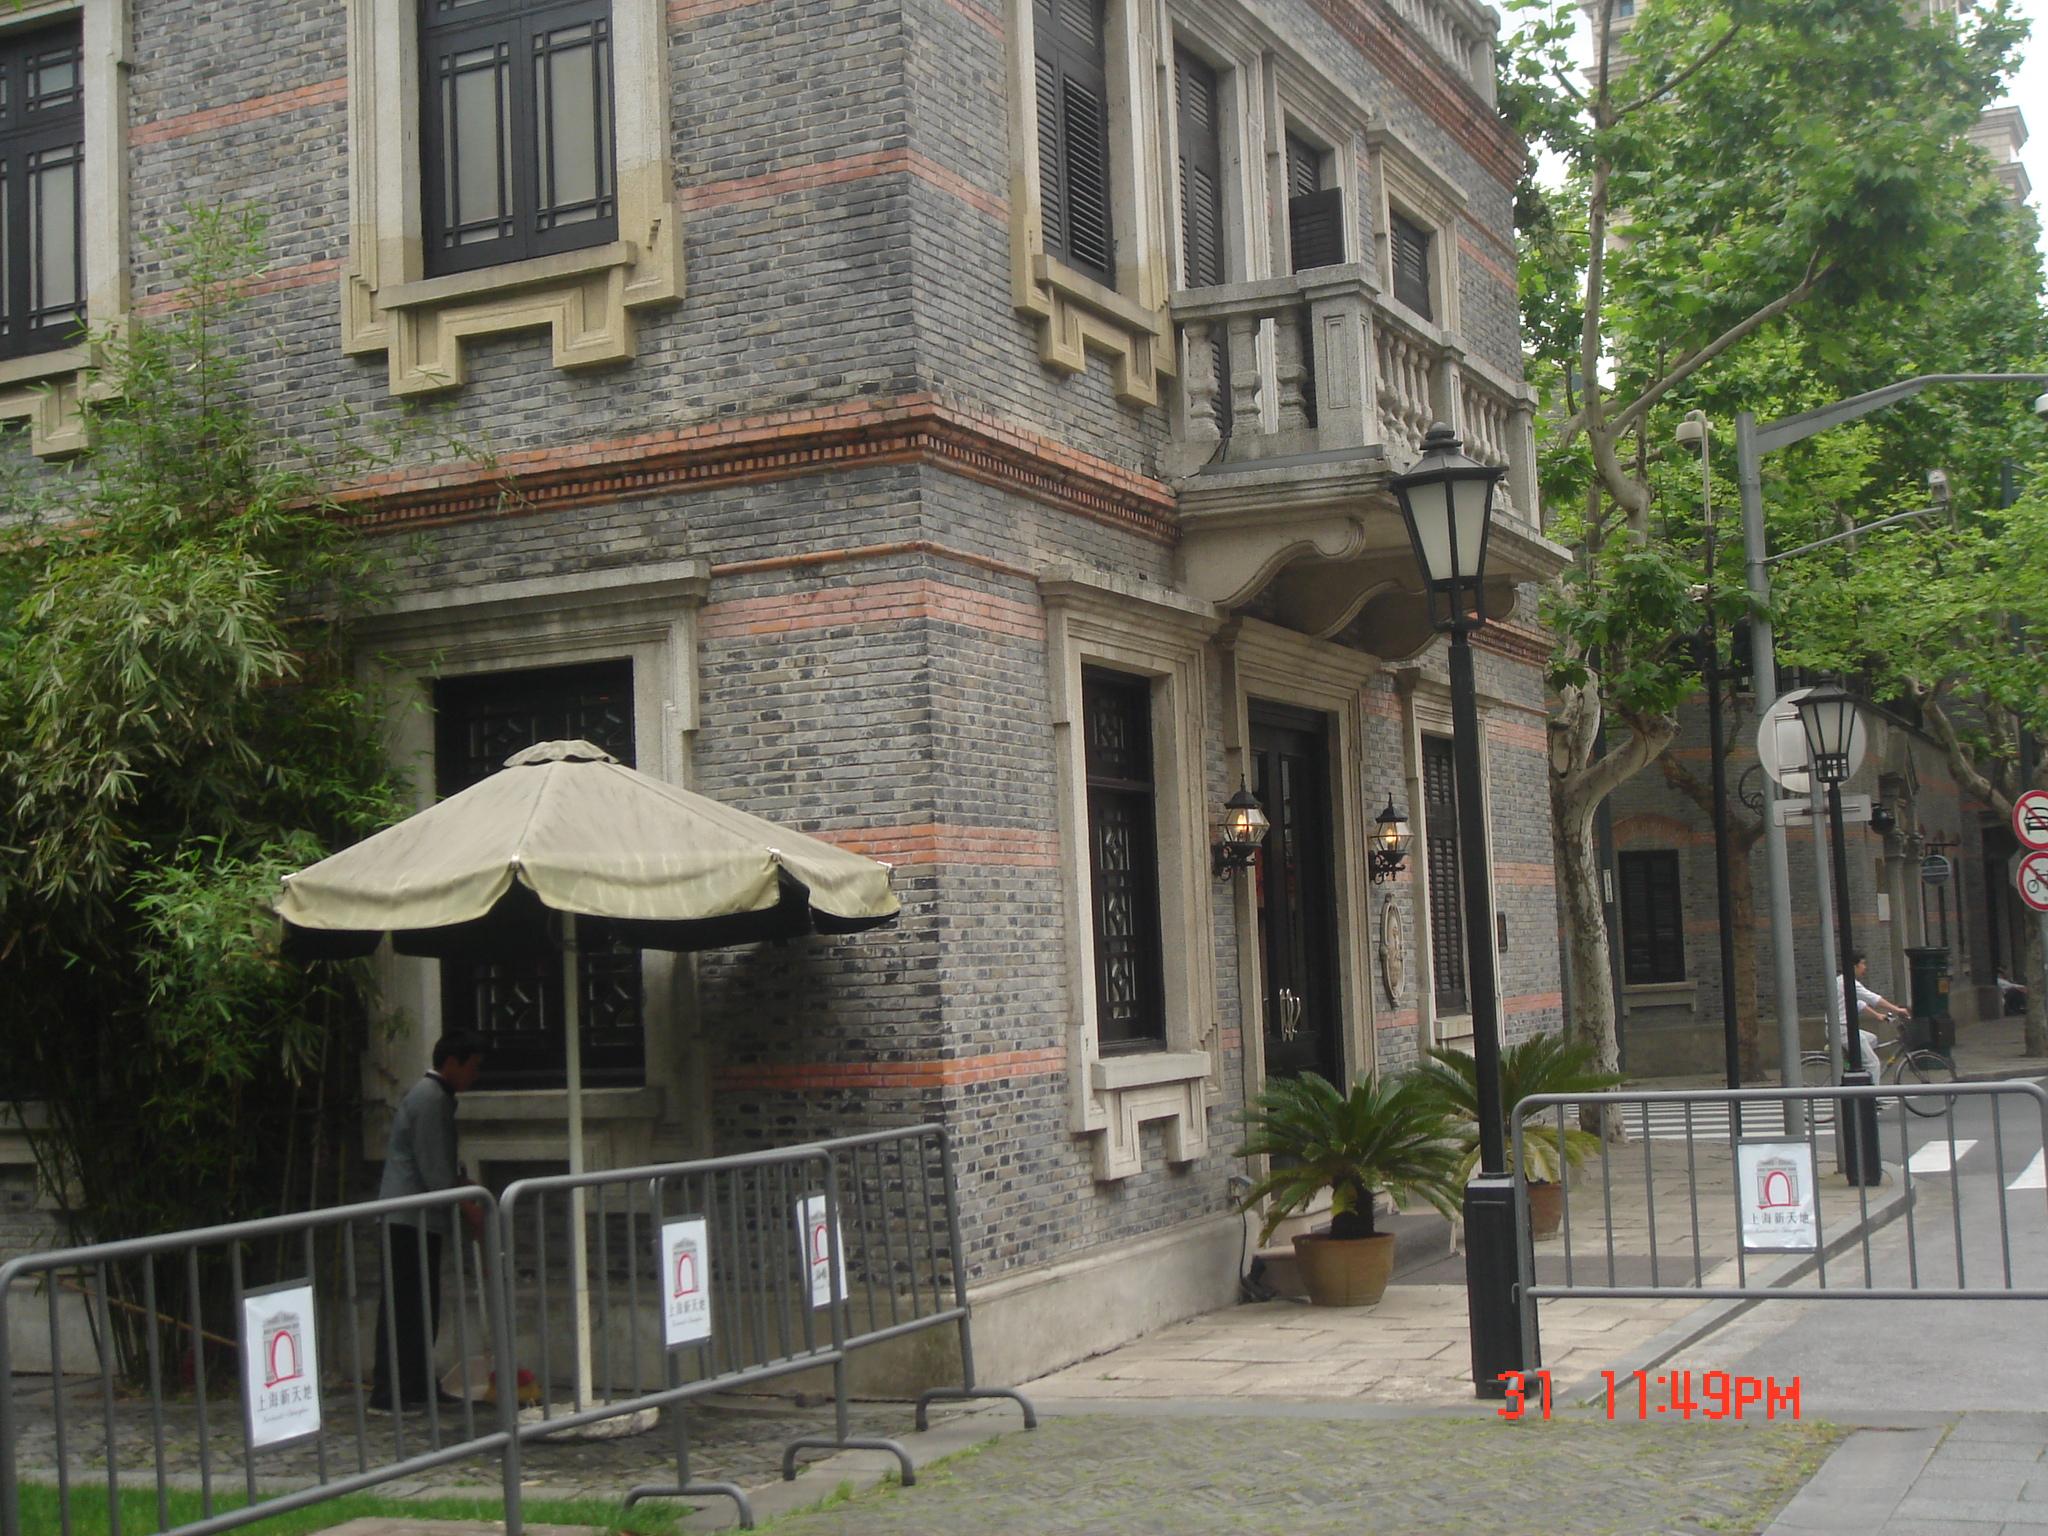 上海.新天地北里老式石库门灰色房子(摄影原创)